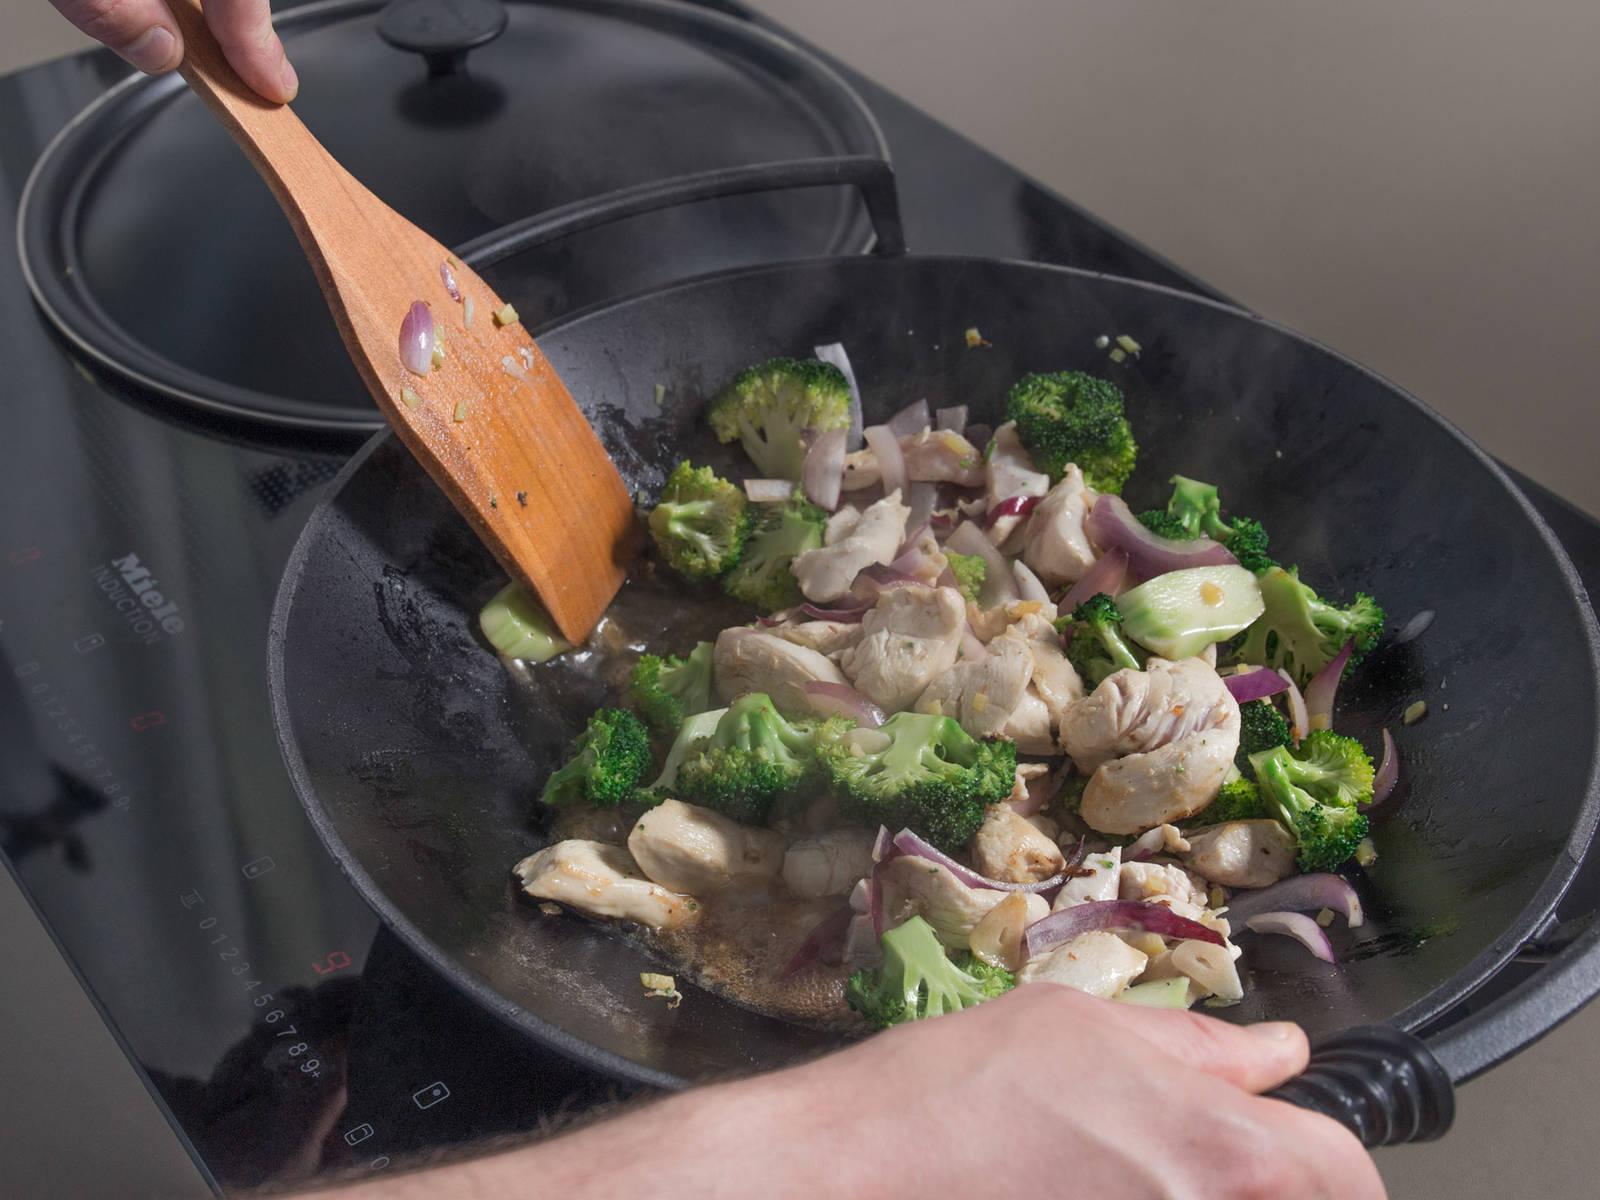 Erdnussöl im Wok auf mittlerer Hitze erwärmen und Knoblauch und Ingwer ca. 2 Min. scharf anbraten. Hähnchenbrust, Zwiebel und Brokkoli dazugeben und 3 - 5 Min. anbraten. Mit Geflügelfond-Mischung ablöschen und alles ca. 3 - 5 Min. köcheln lassen. Mit Pfeffer würzen. Geröstete Erdnüsse, Frühlingszwiebeln und Koriander dazugeben. Wok vom Herd nehmen und alles vermengen. Guten Appetit!